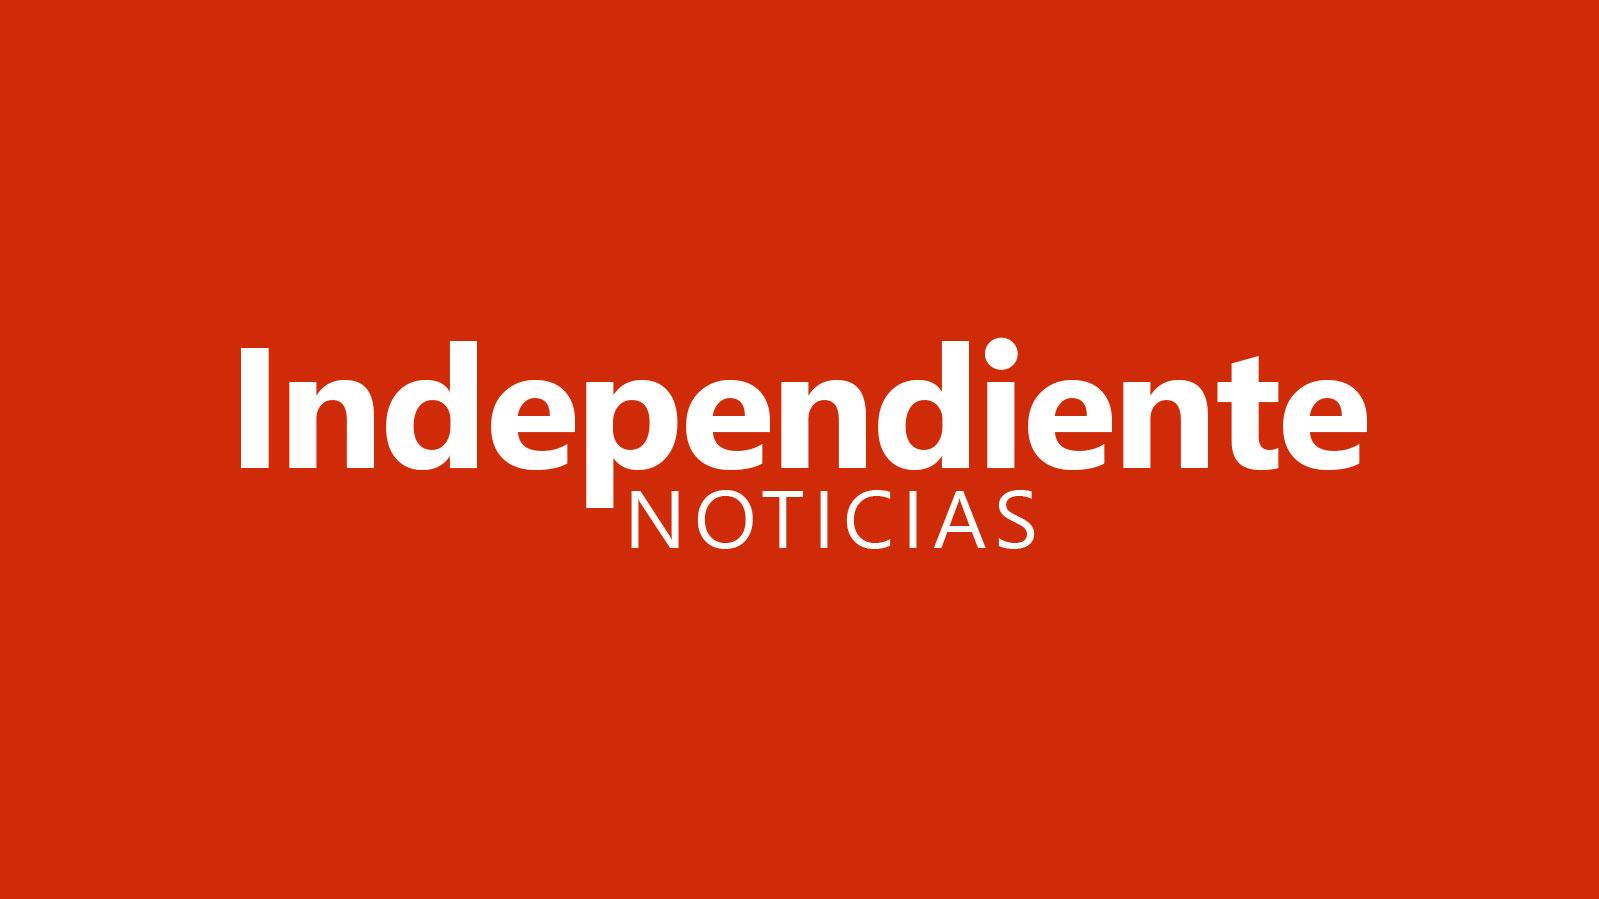 Independiente Noticias